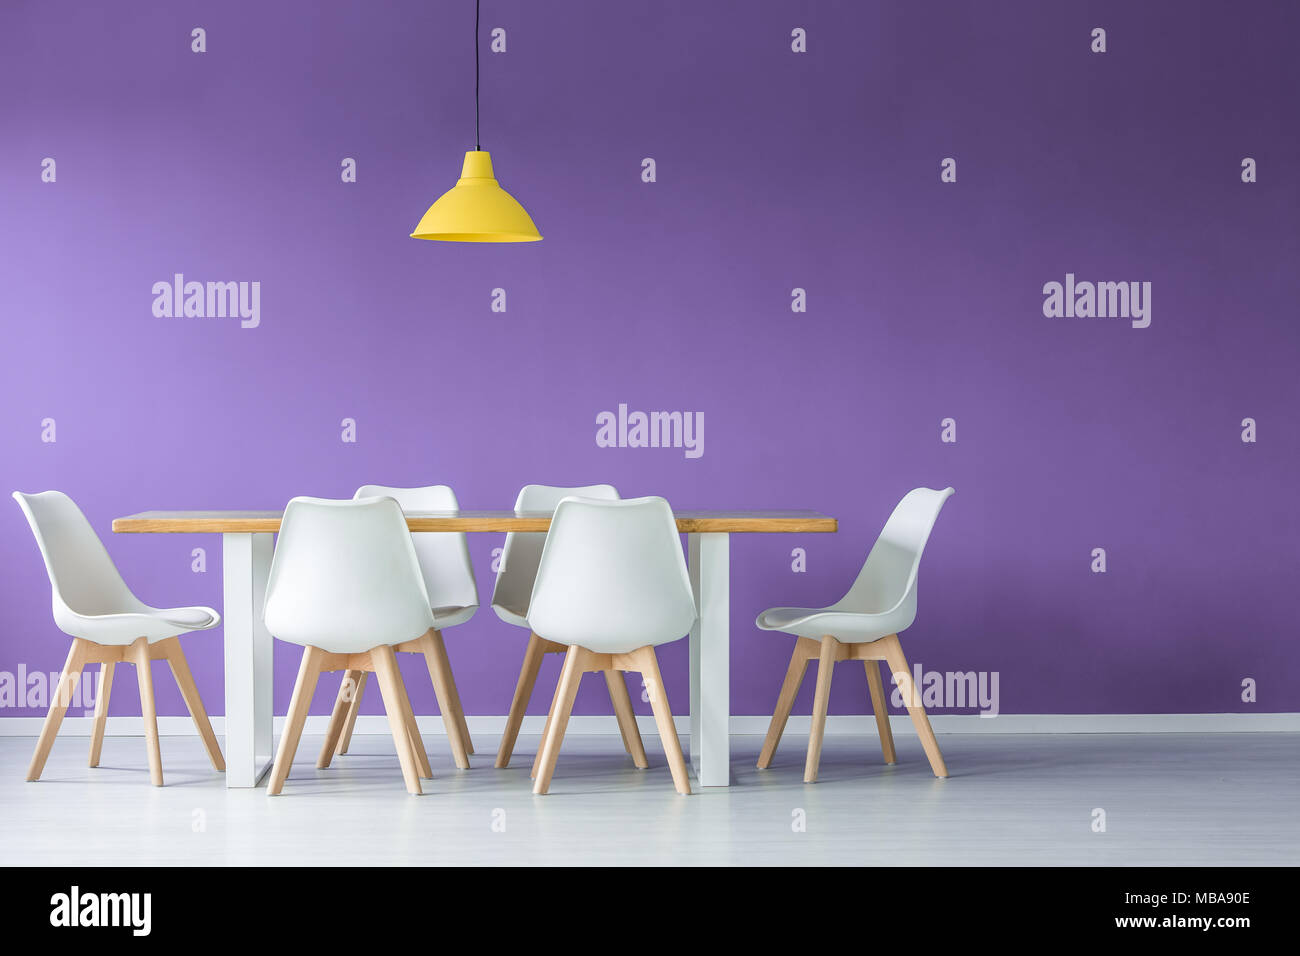 Il minimo moderno spazio aperto con interno bianco e sedie di legno intorno a un tavolo da pranzo e lampada gialla contro il muro viola Immagini Stock